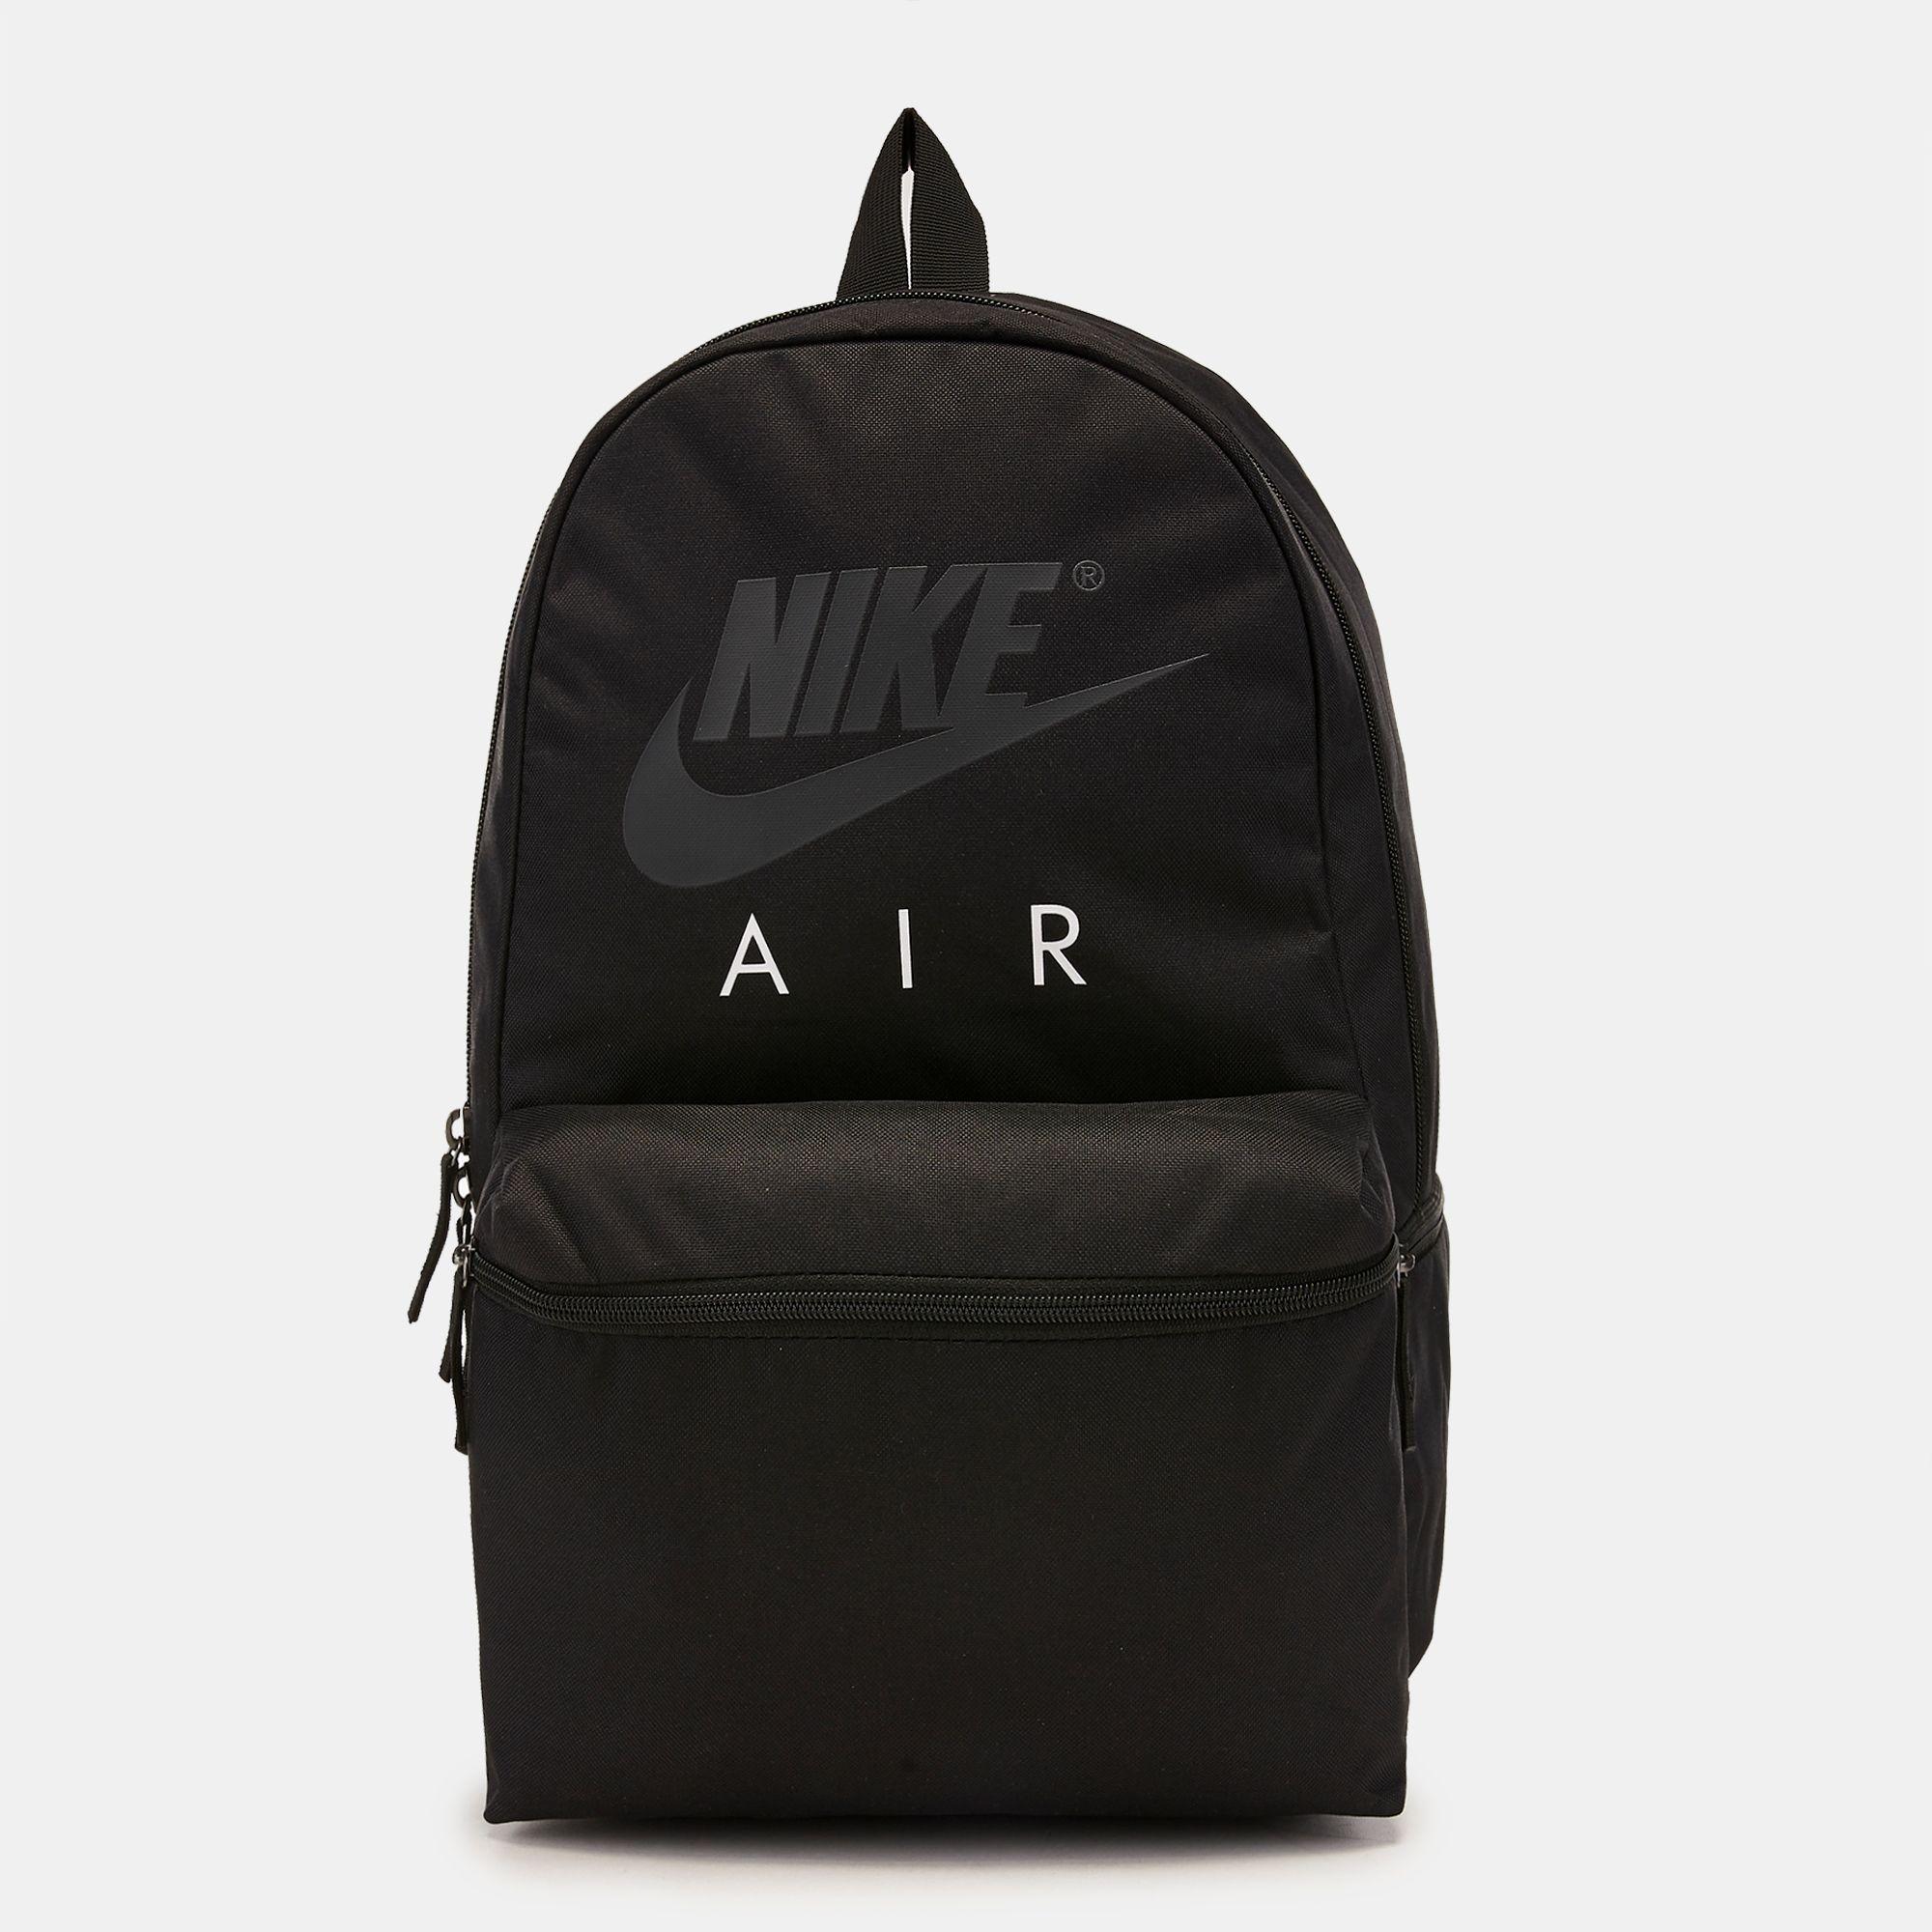 nike air bag - 65% OFF - tajpalace.net